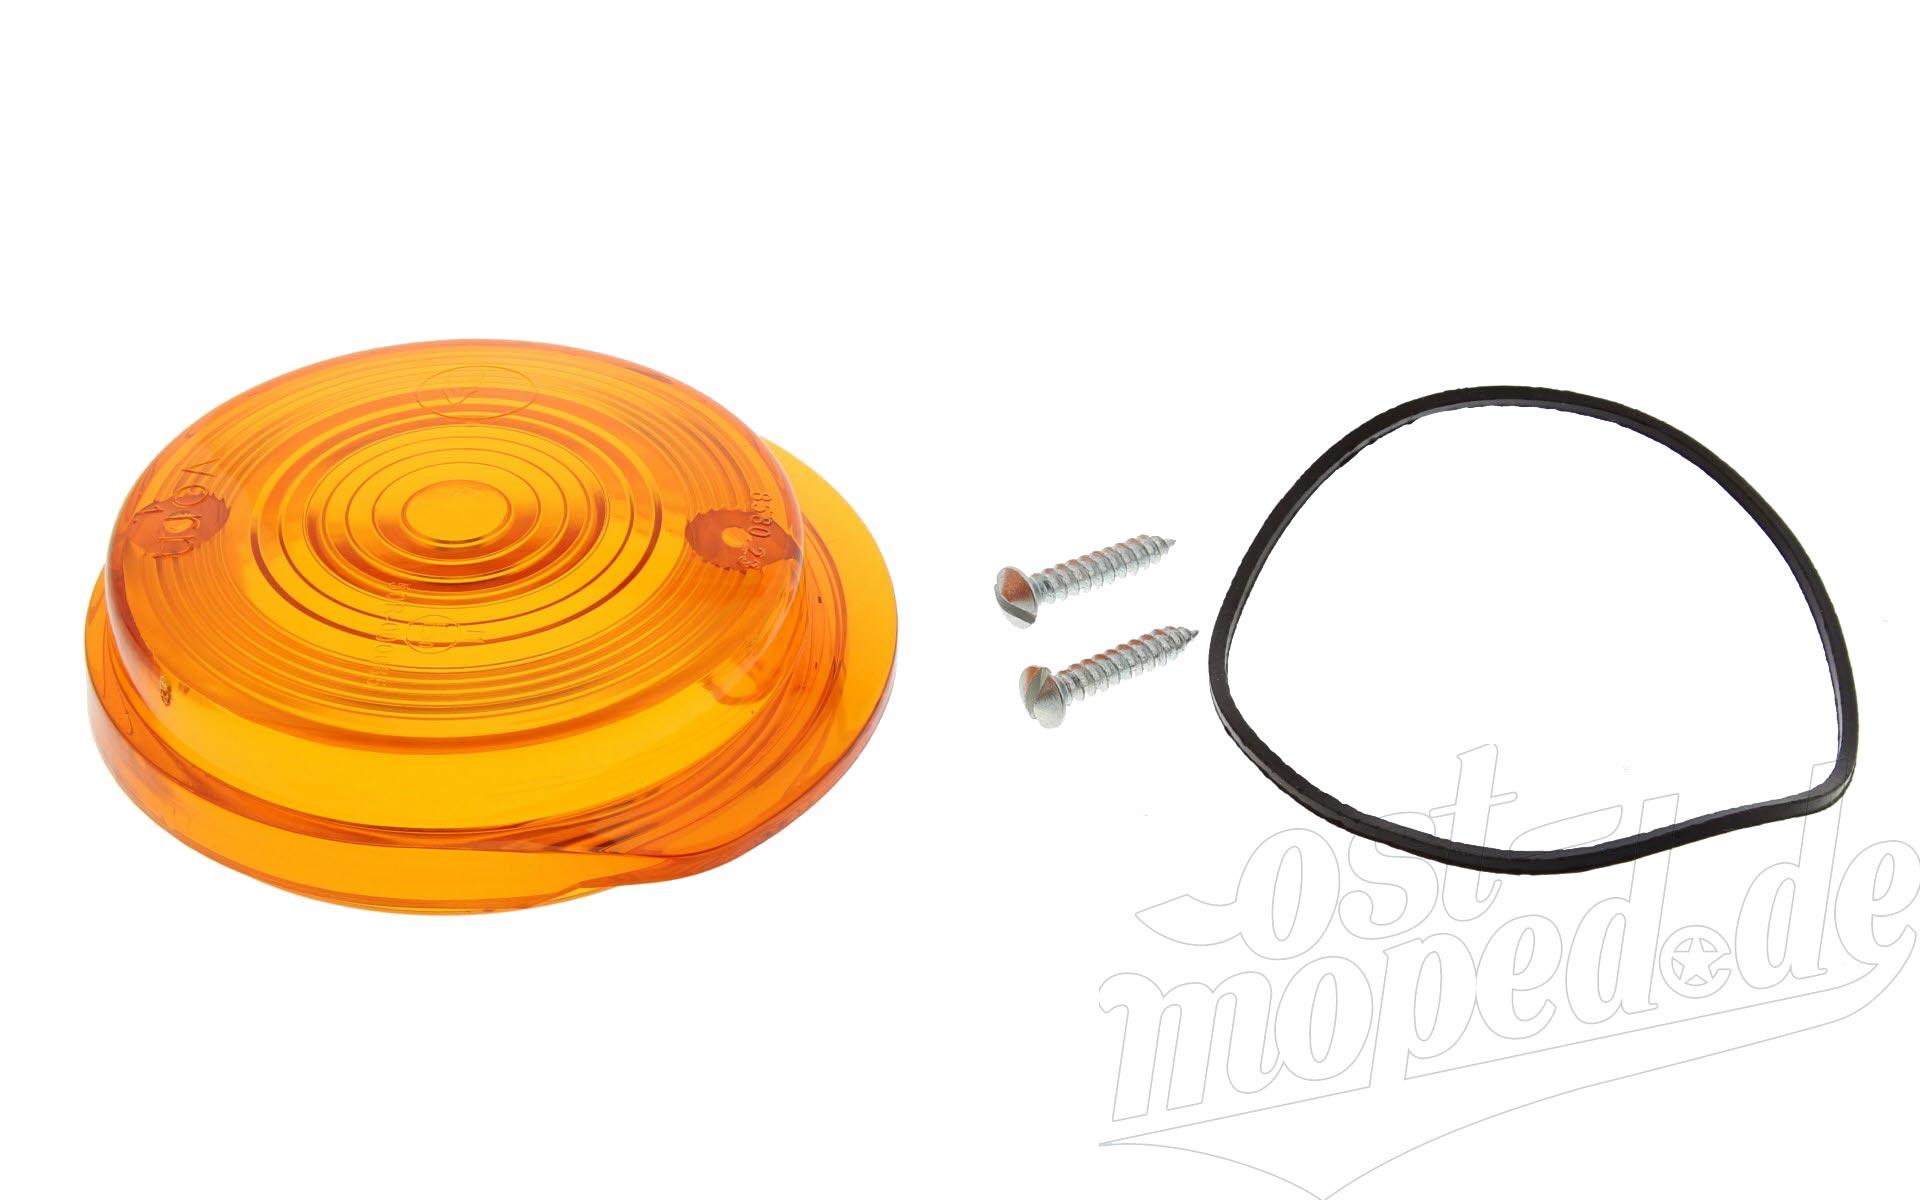 Blinkerkappe vorn rund - S50, S51, SR50, TS, ETZ - orange